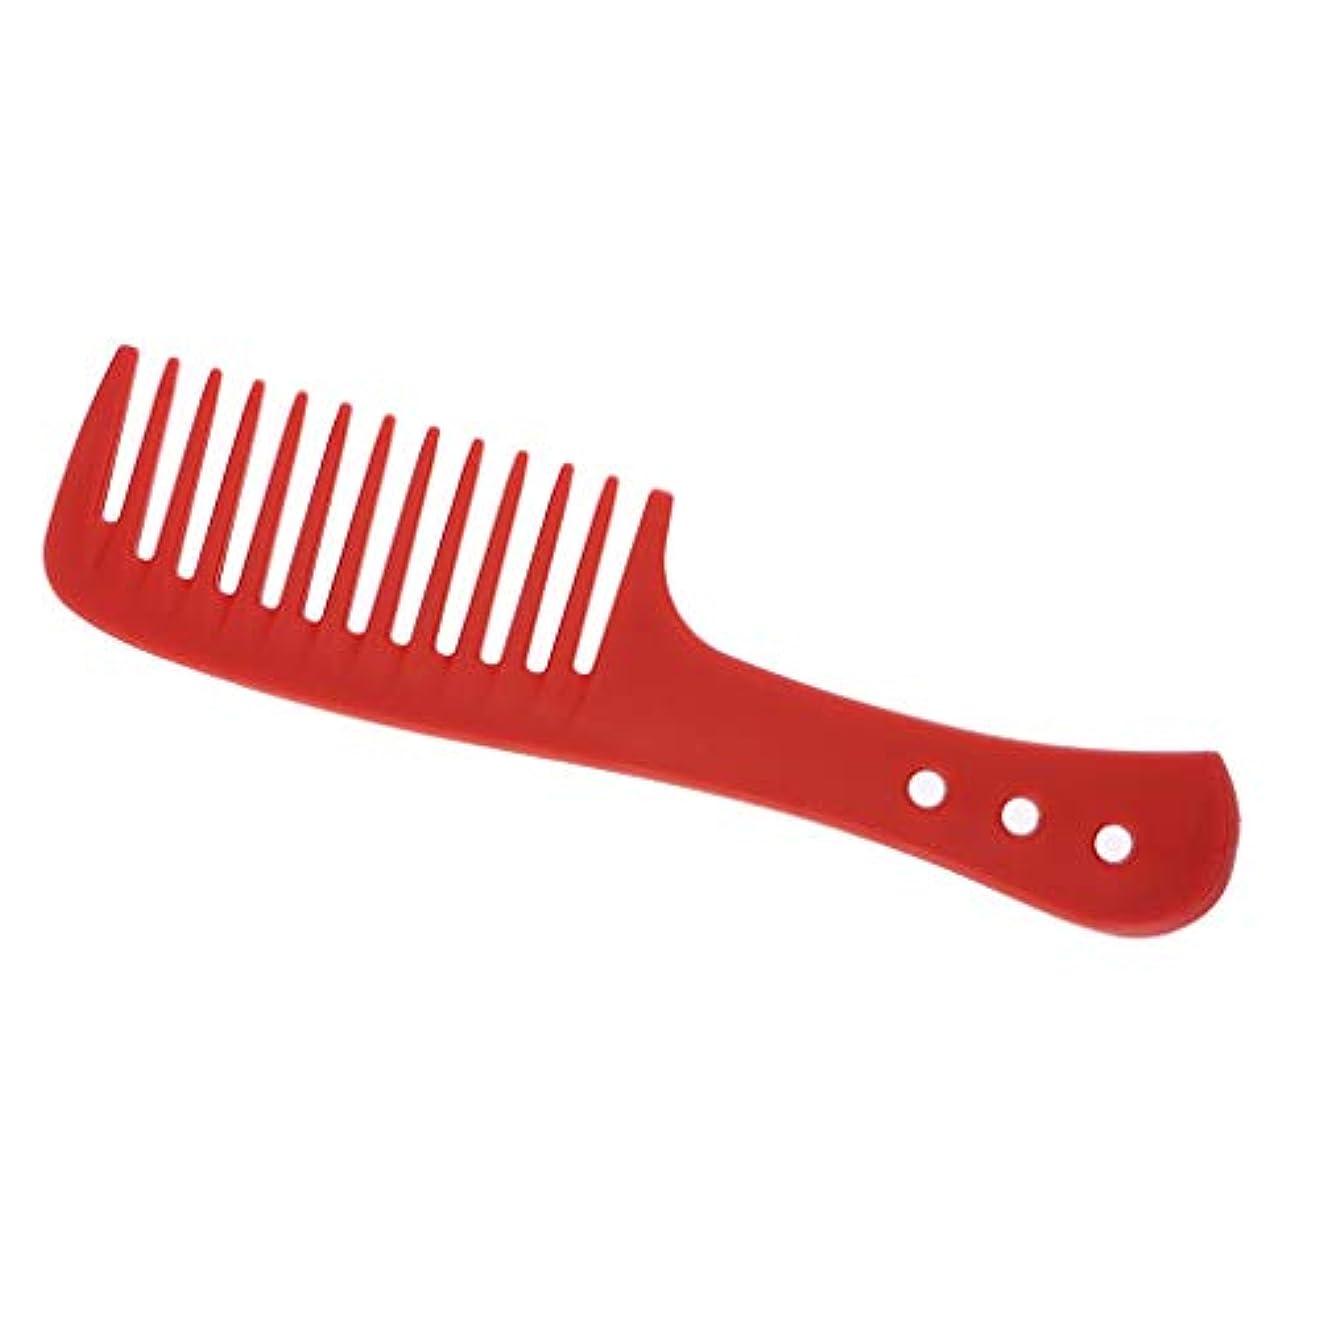 DYNWAVE ヘアケア ヘアスタイリング ヘアコーム 櫛 美髪 ヘアブラシ 全4色 - 赤